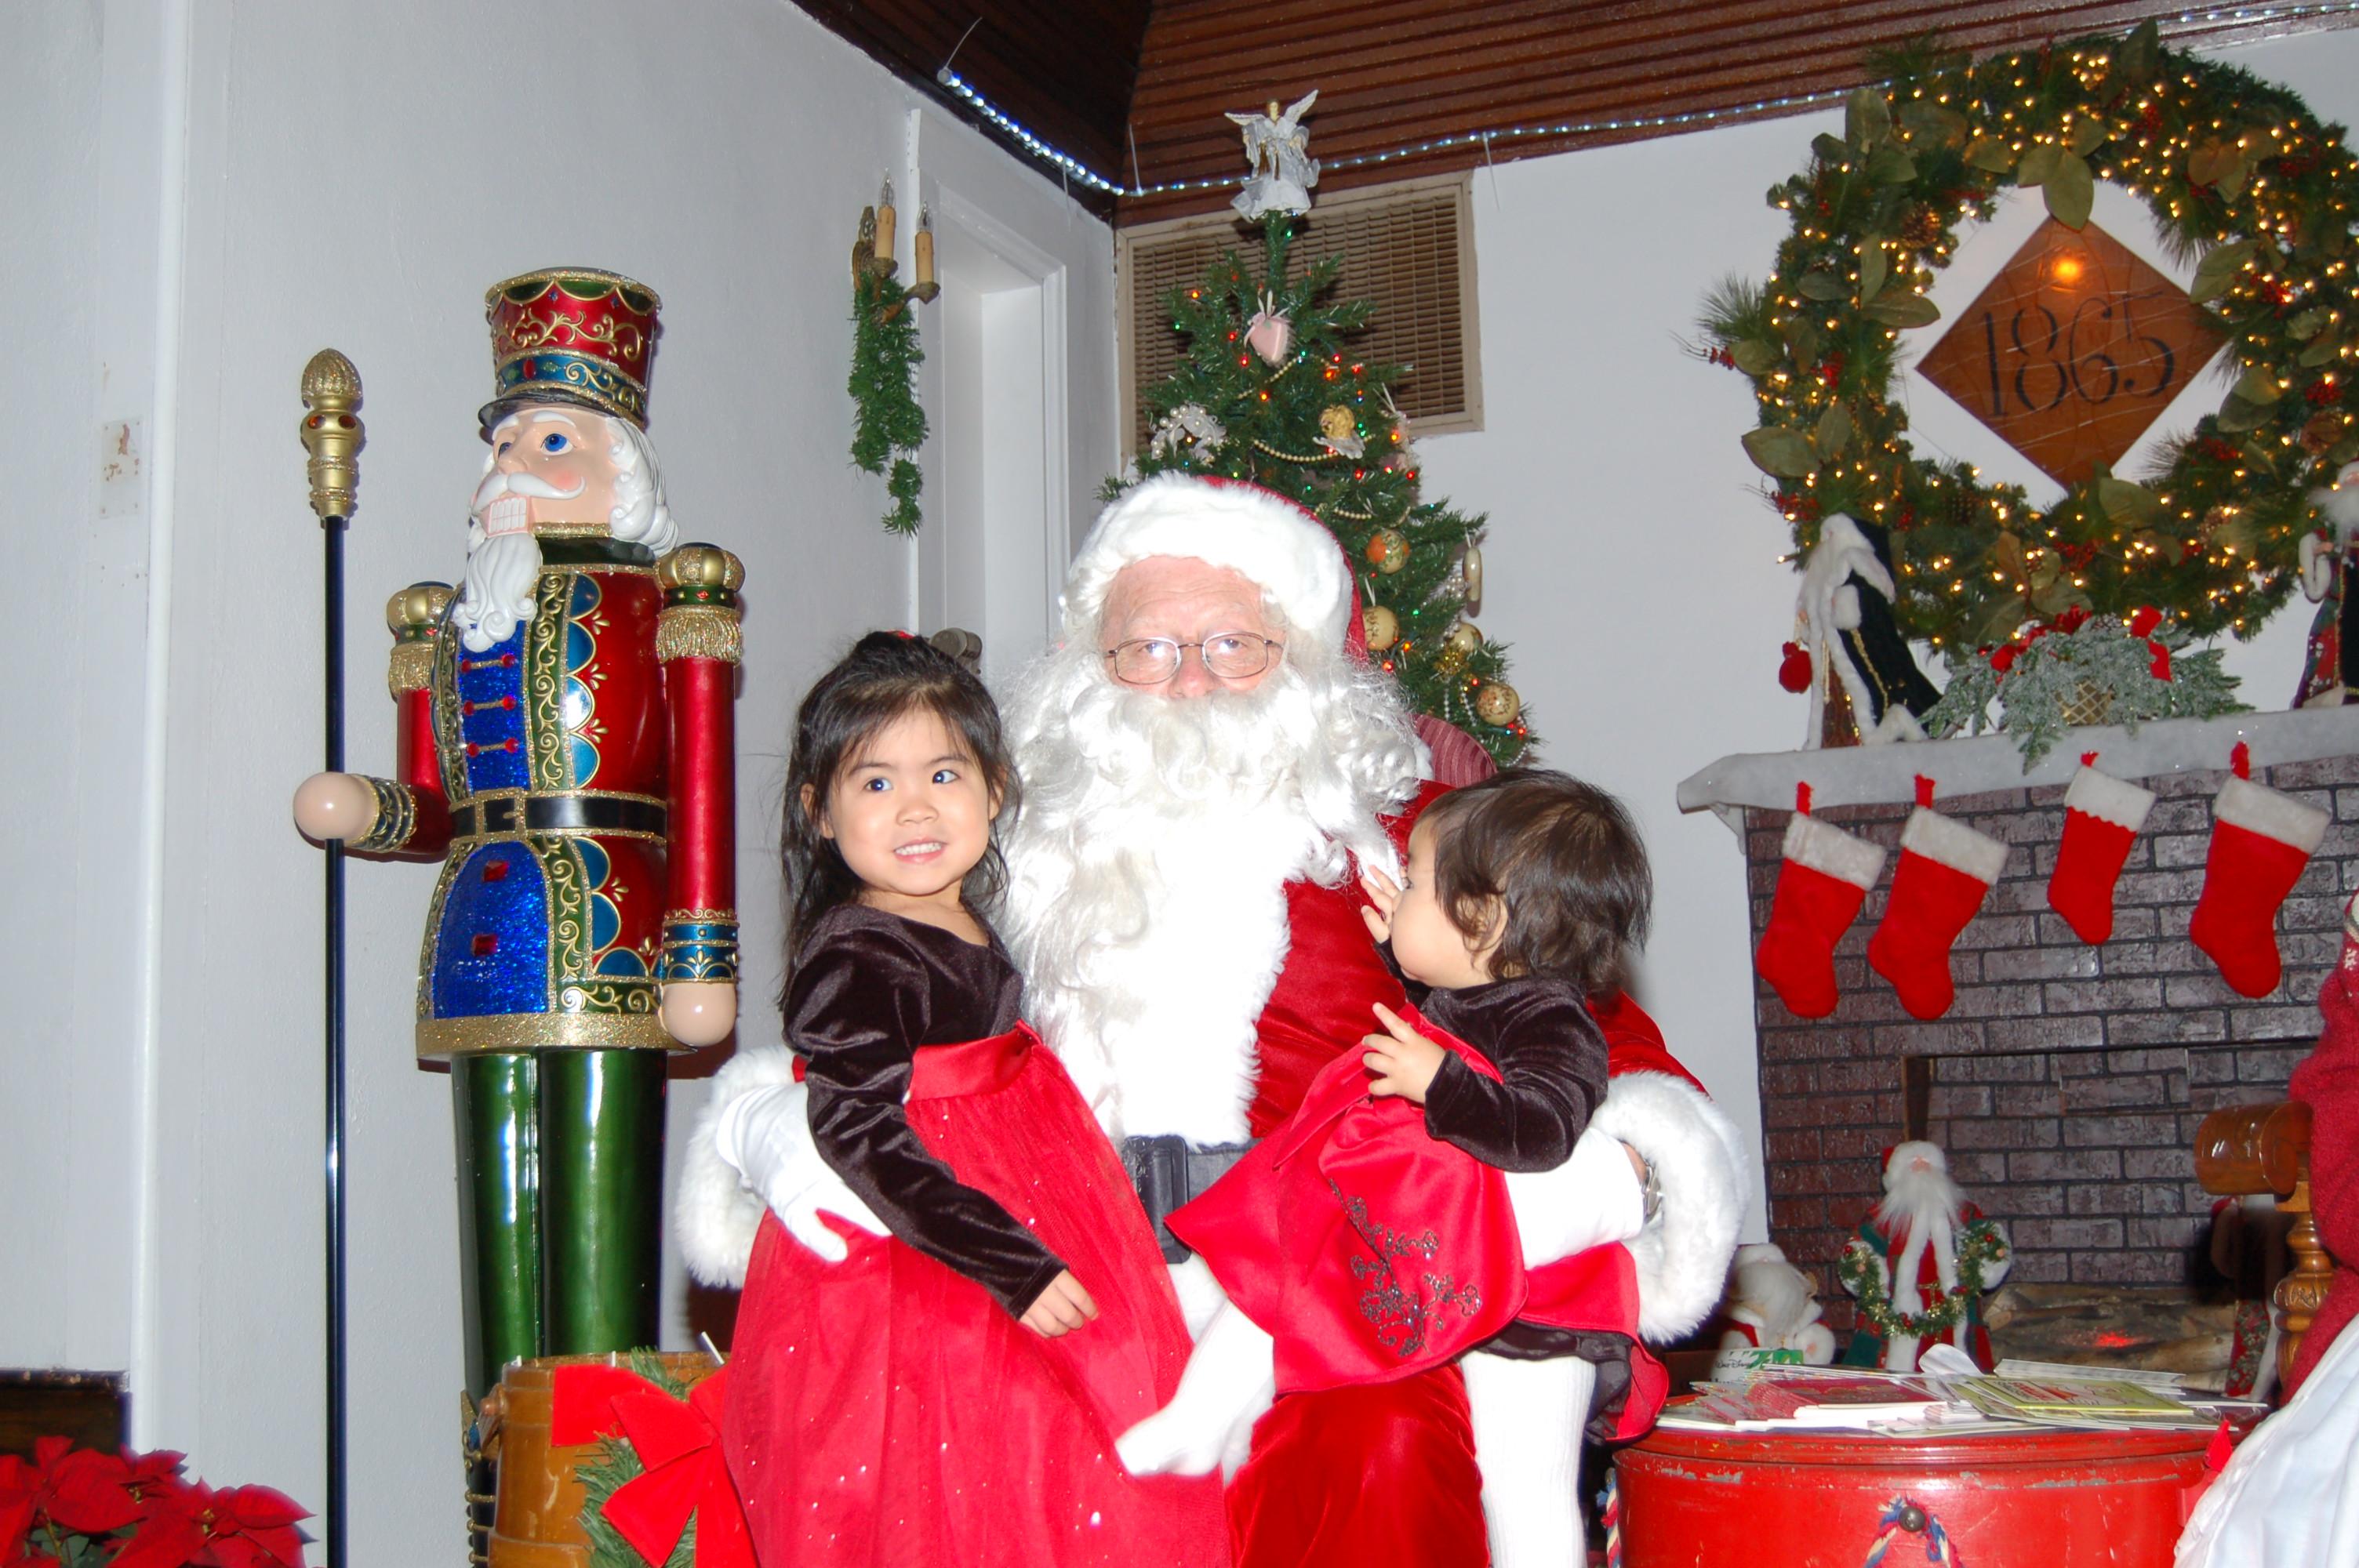 LolliPop+Lane+12-13-2008+Picture+049.jpg